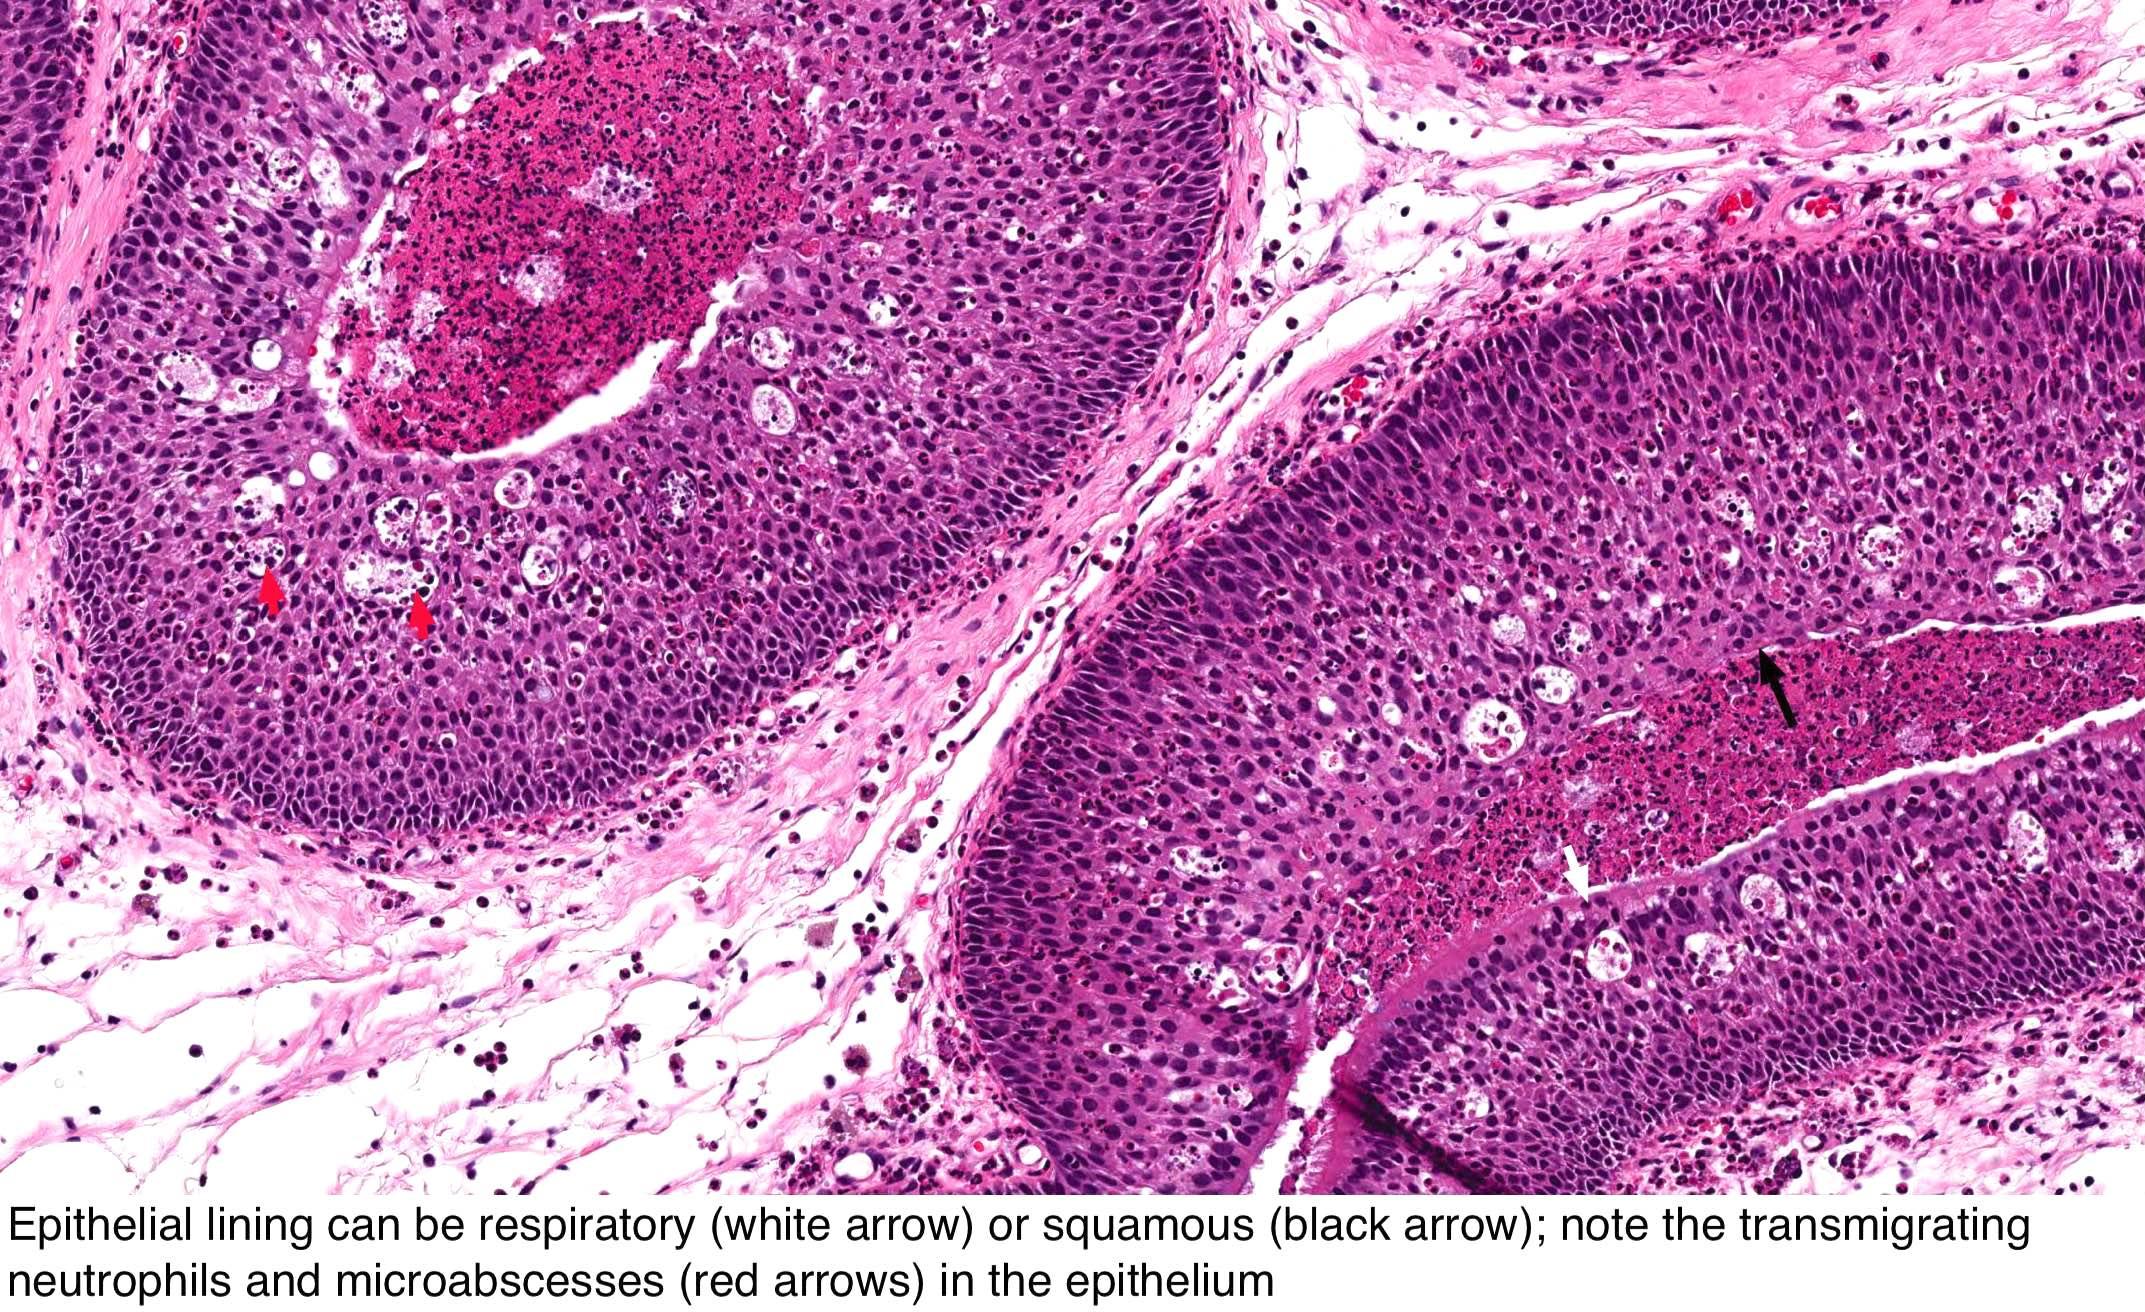 Caracteristicas principales del papiloma humano. Mujeres con Pap Alterado por Virus Papiloma Humano